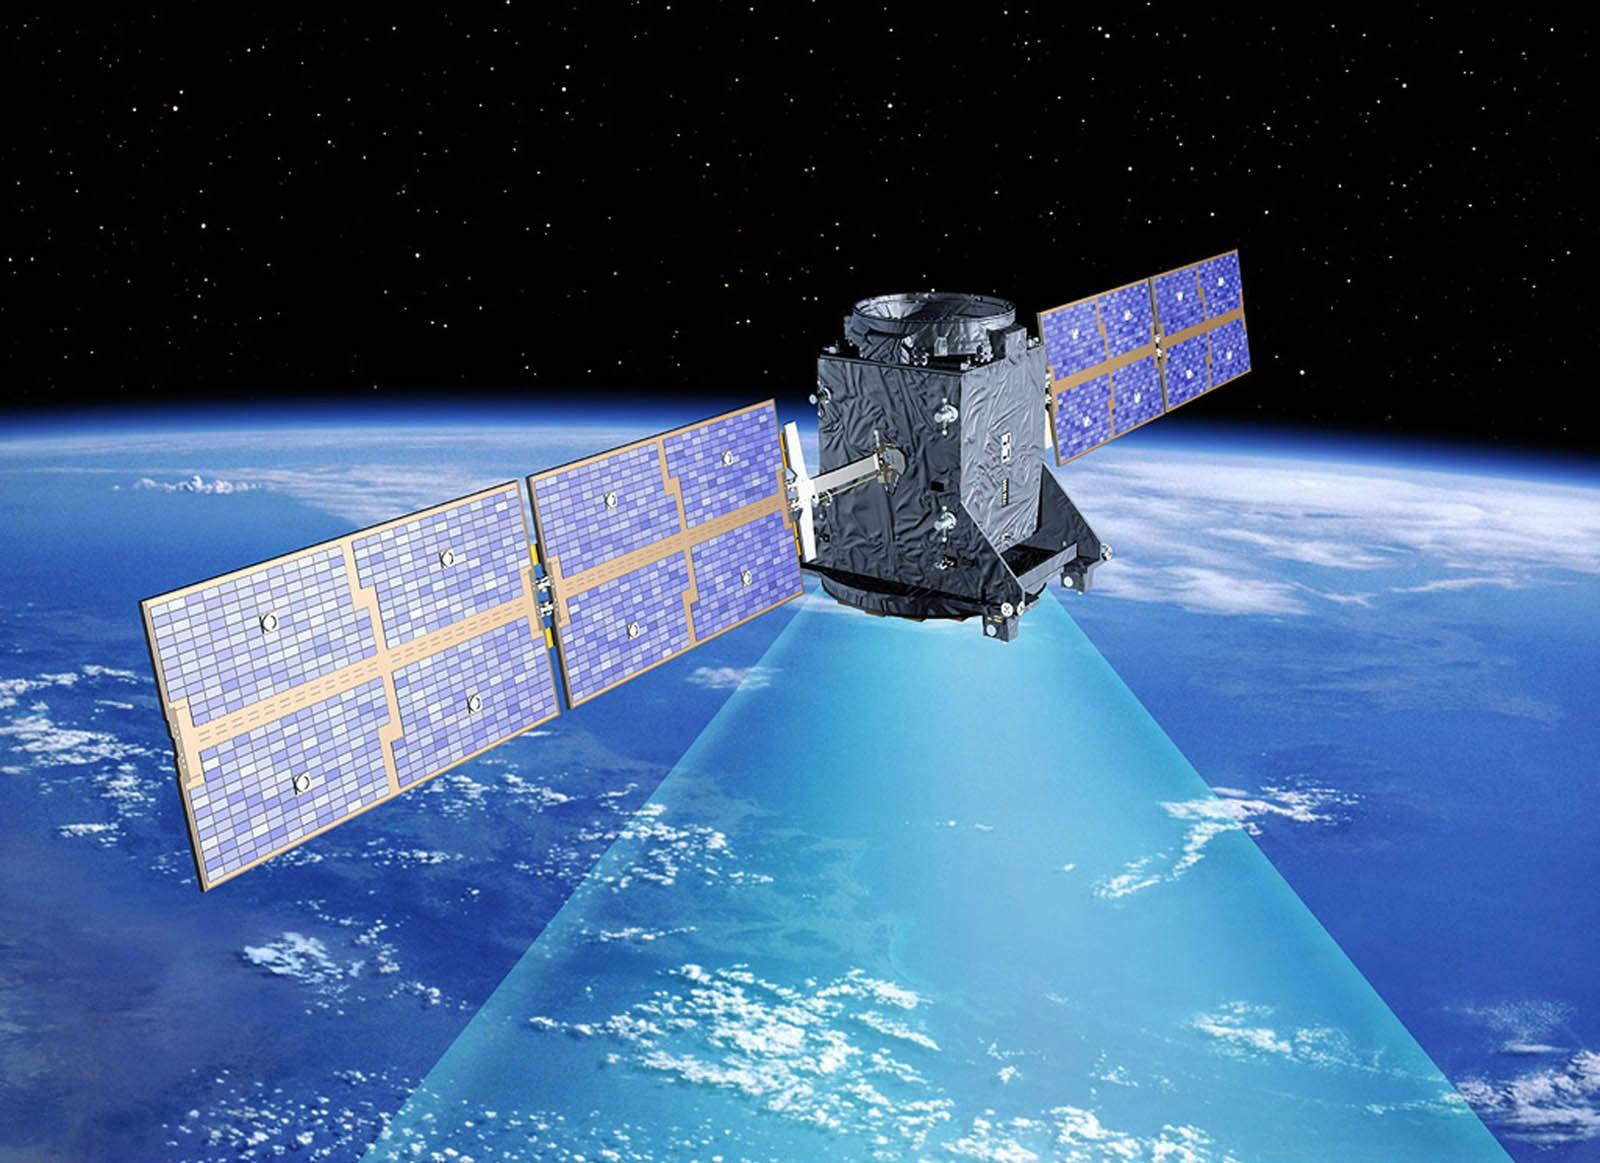 Спутник в открытом космосе